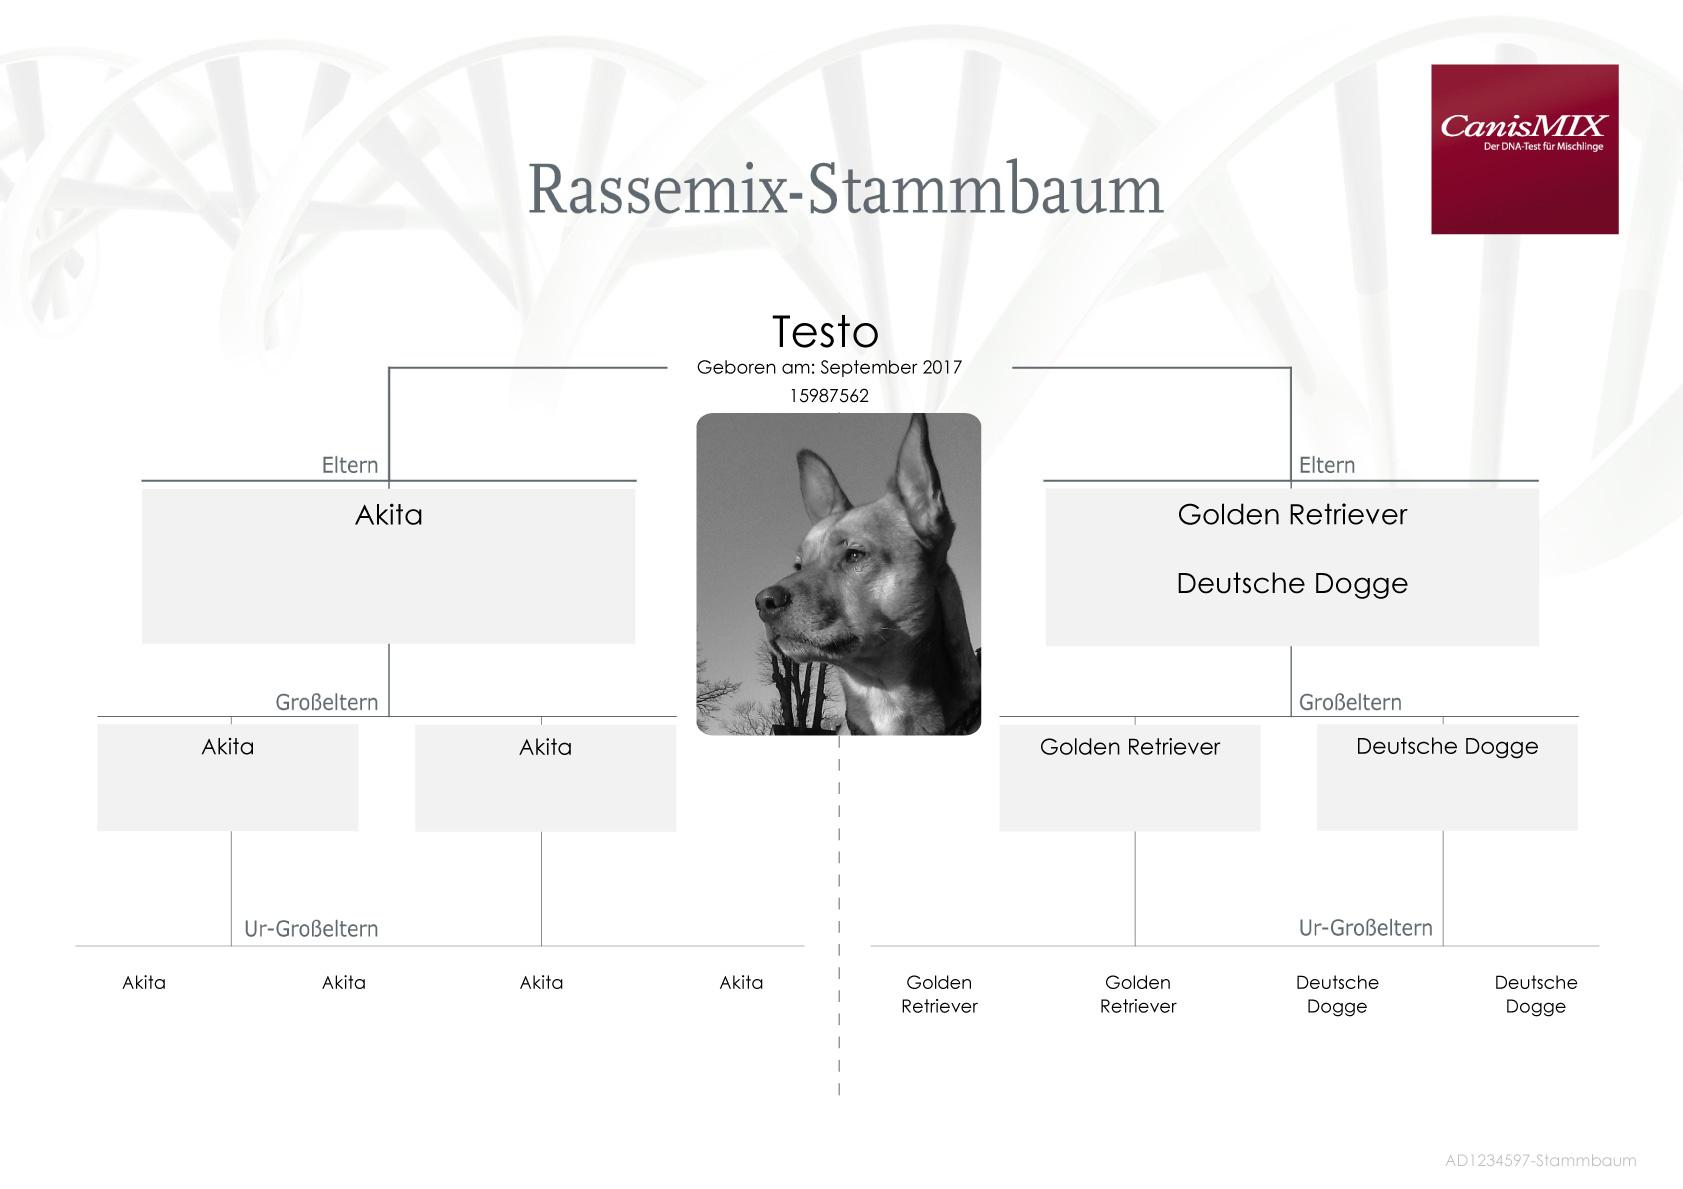 Schön Probe Preis Zertifikat Fotos - FORTSETZUNG ARBEITSBLATT ...